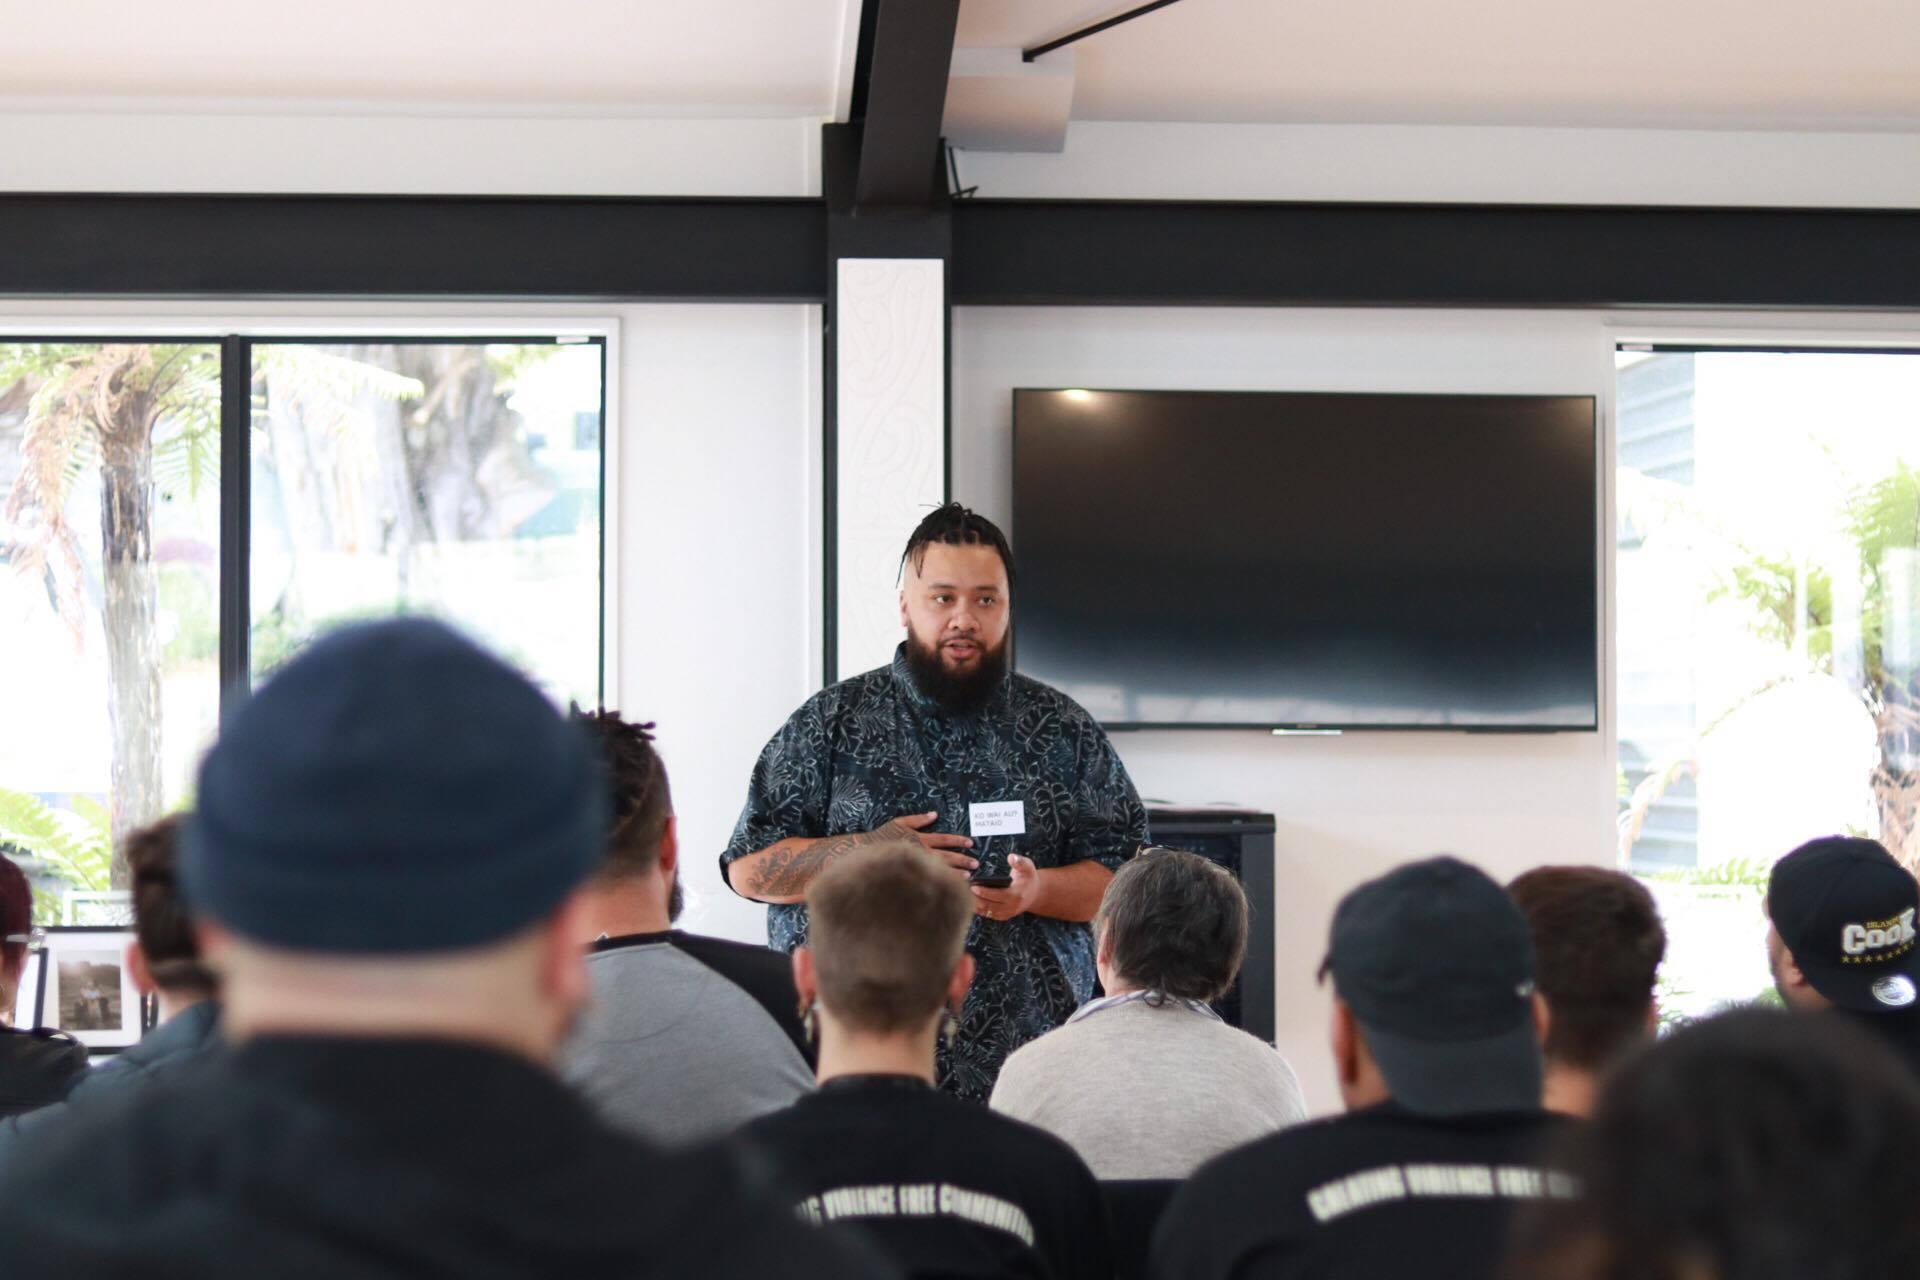 Matt teaching a group of men. Image: Supplied